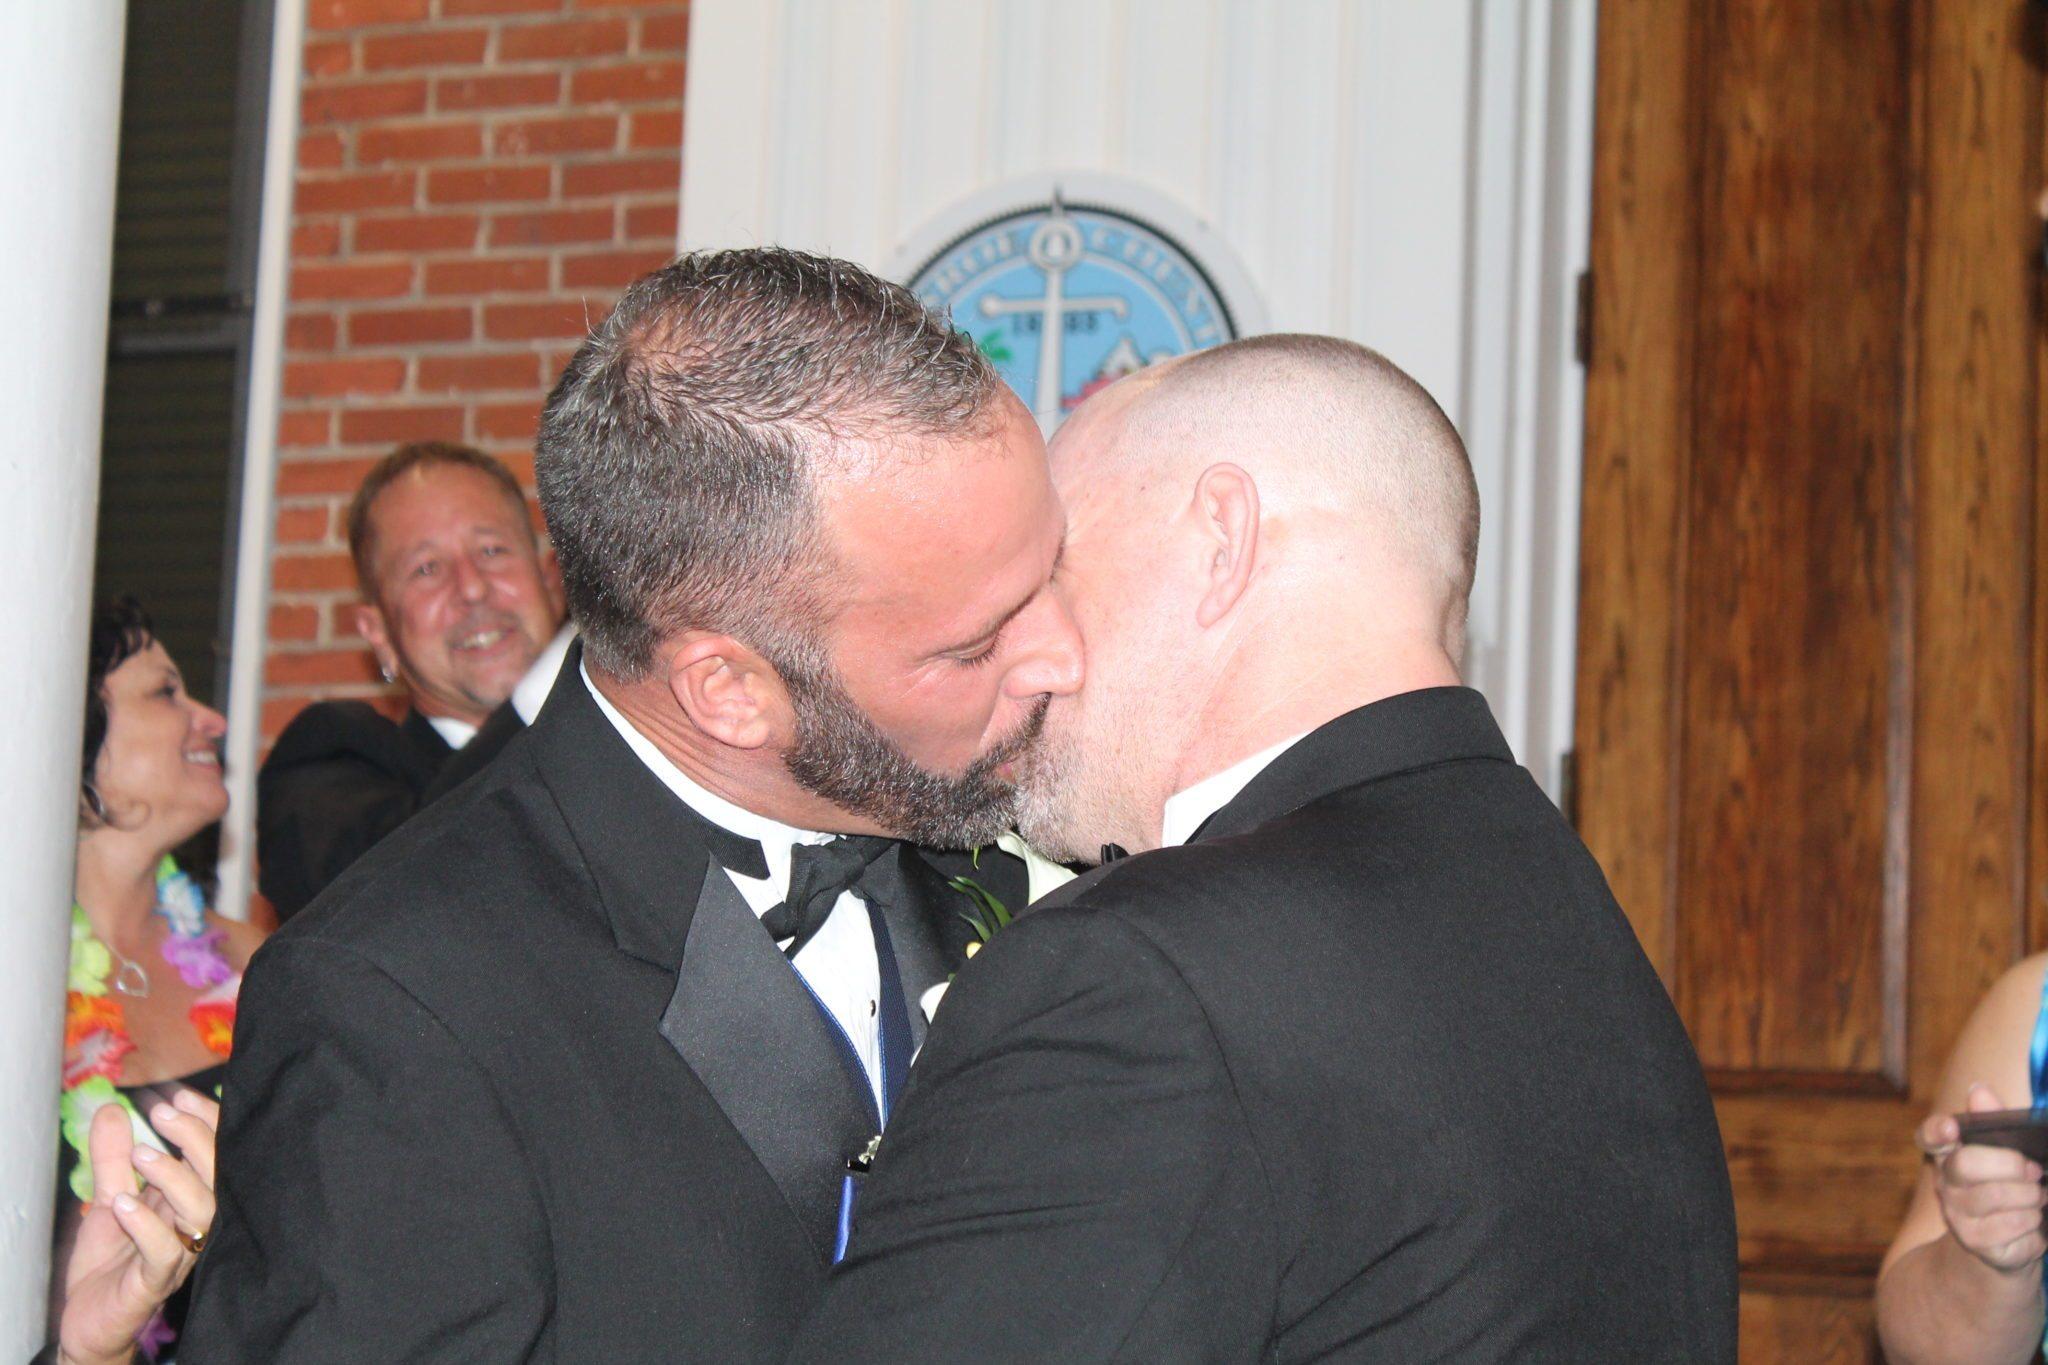 Gay valderrama wilmer